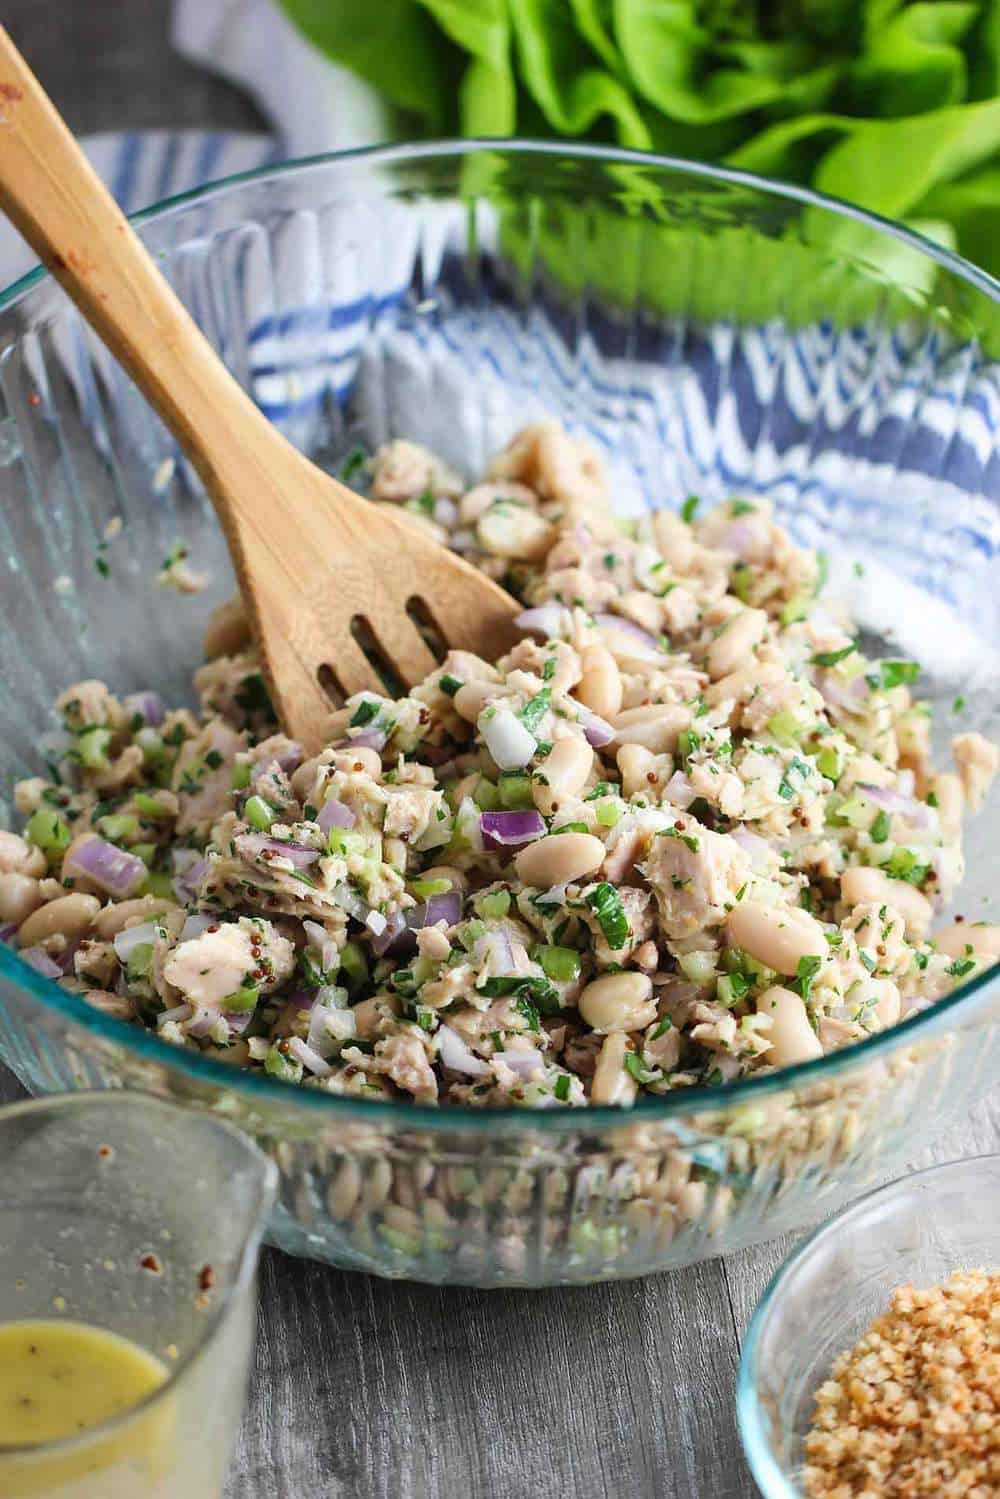 Albacore Tuna and White Bean Salad recipe